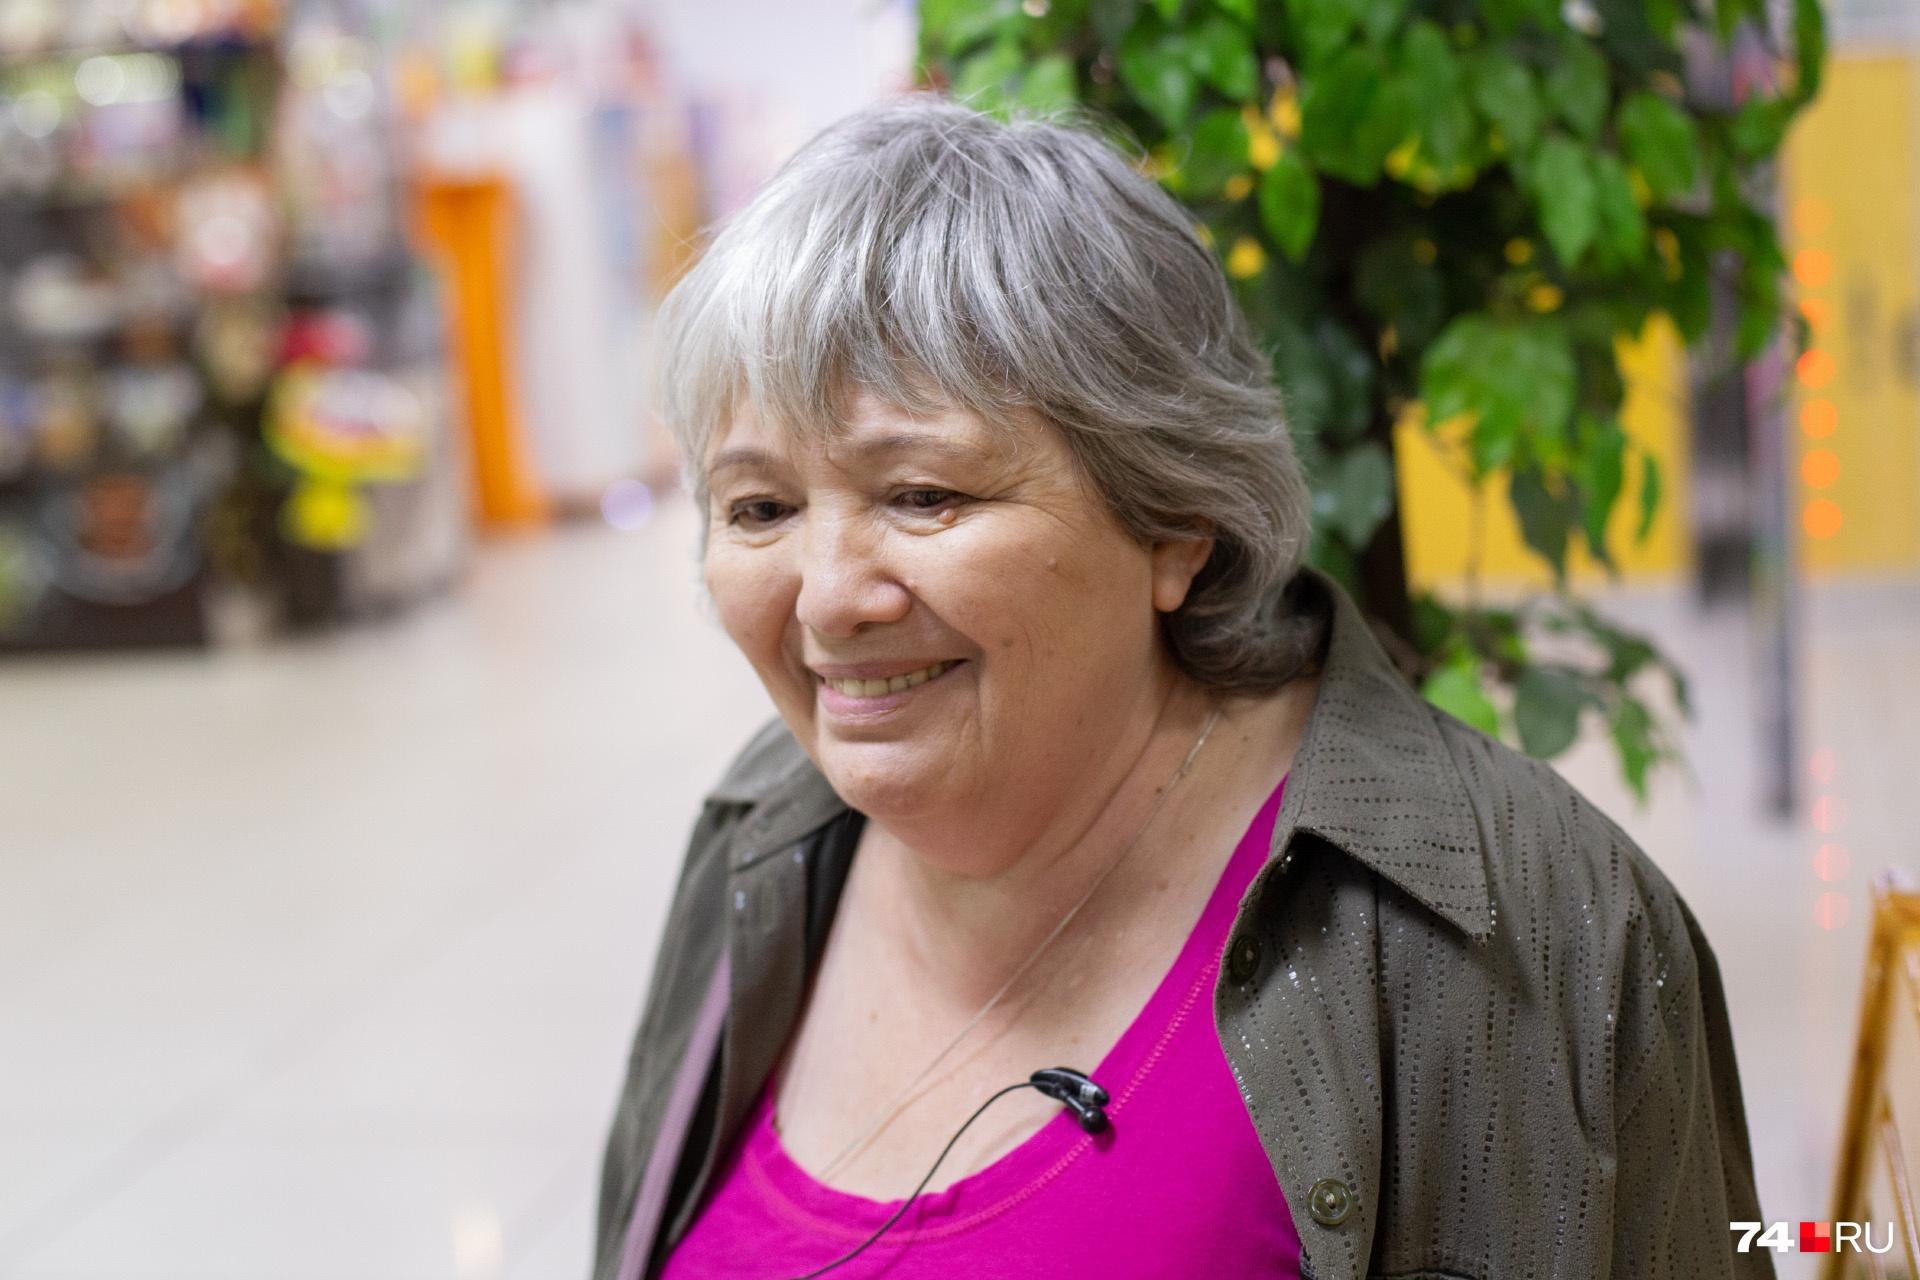 Нина Ивановна одна воспитывала двух особенных детей и при этом успевала работать